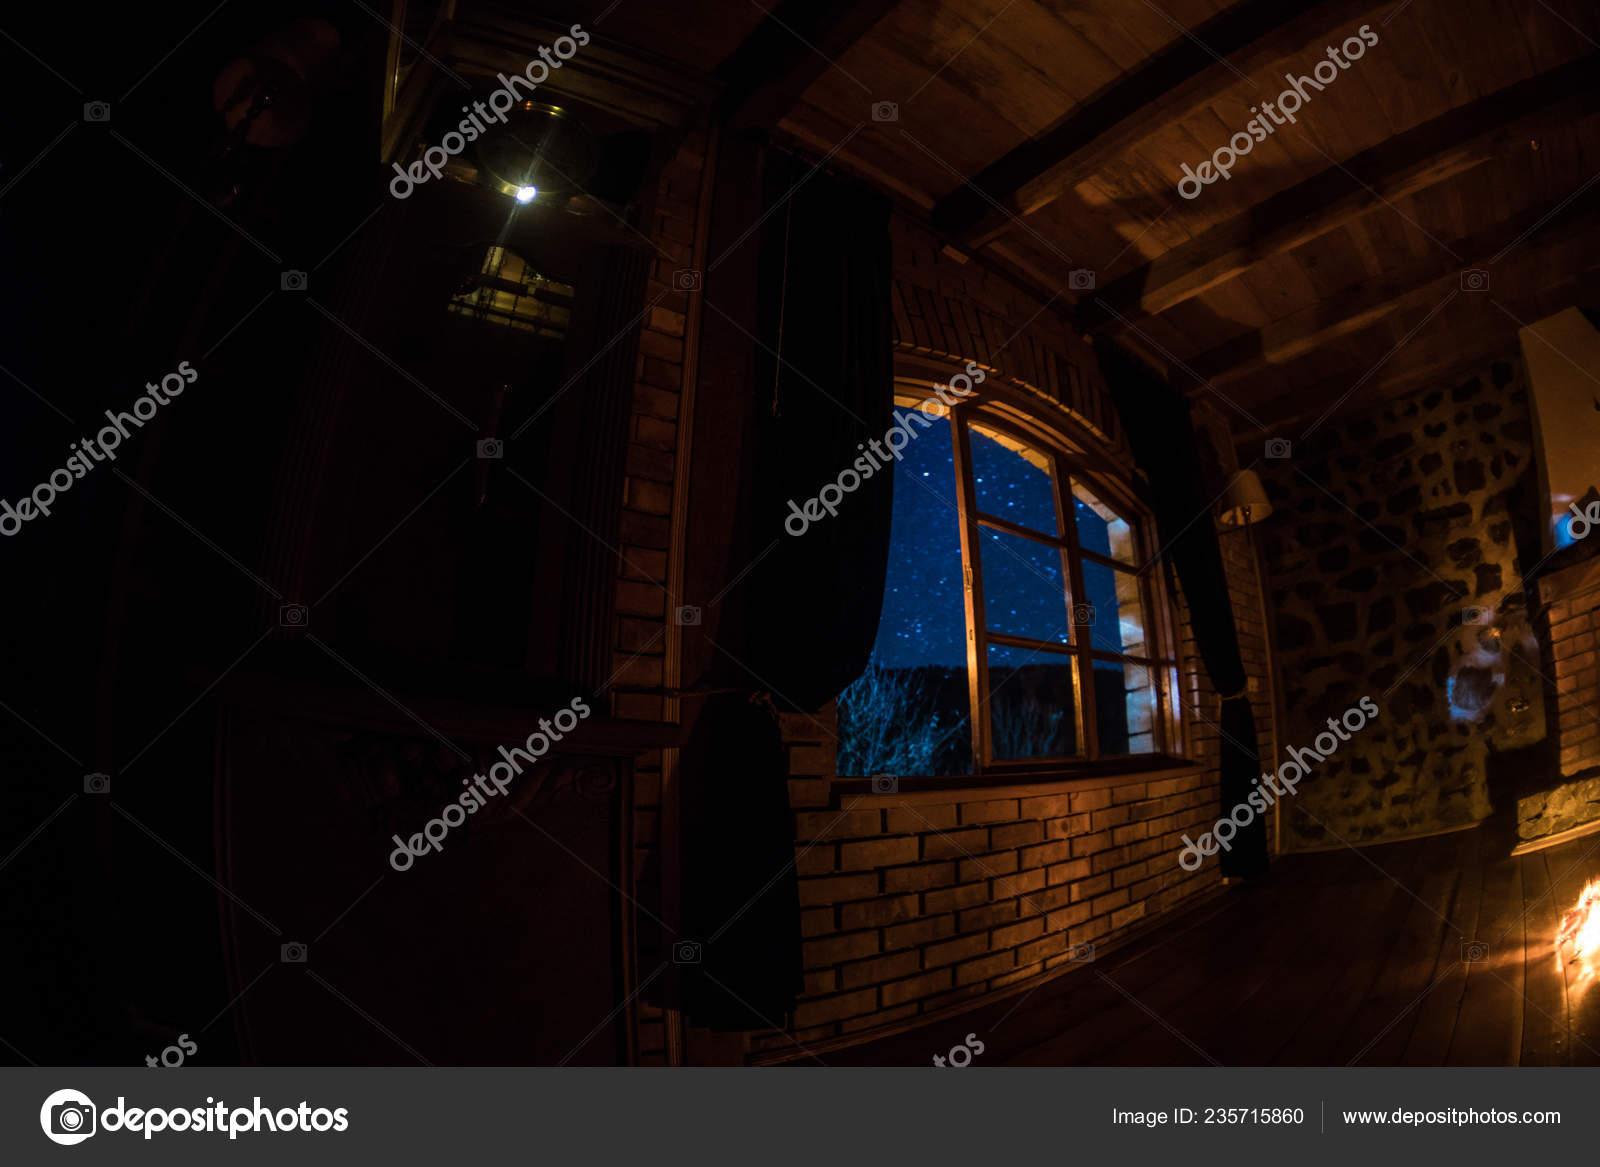 Nachtaufnahme Von Sternen Die Durch Das Fenster Aus Dunklen Raum